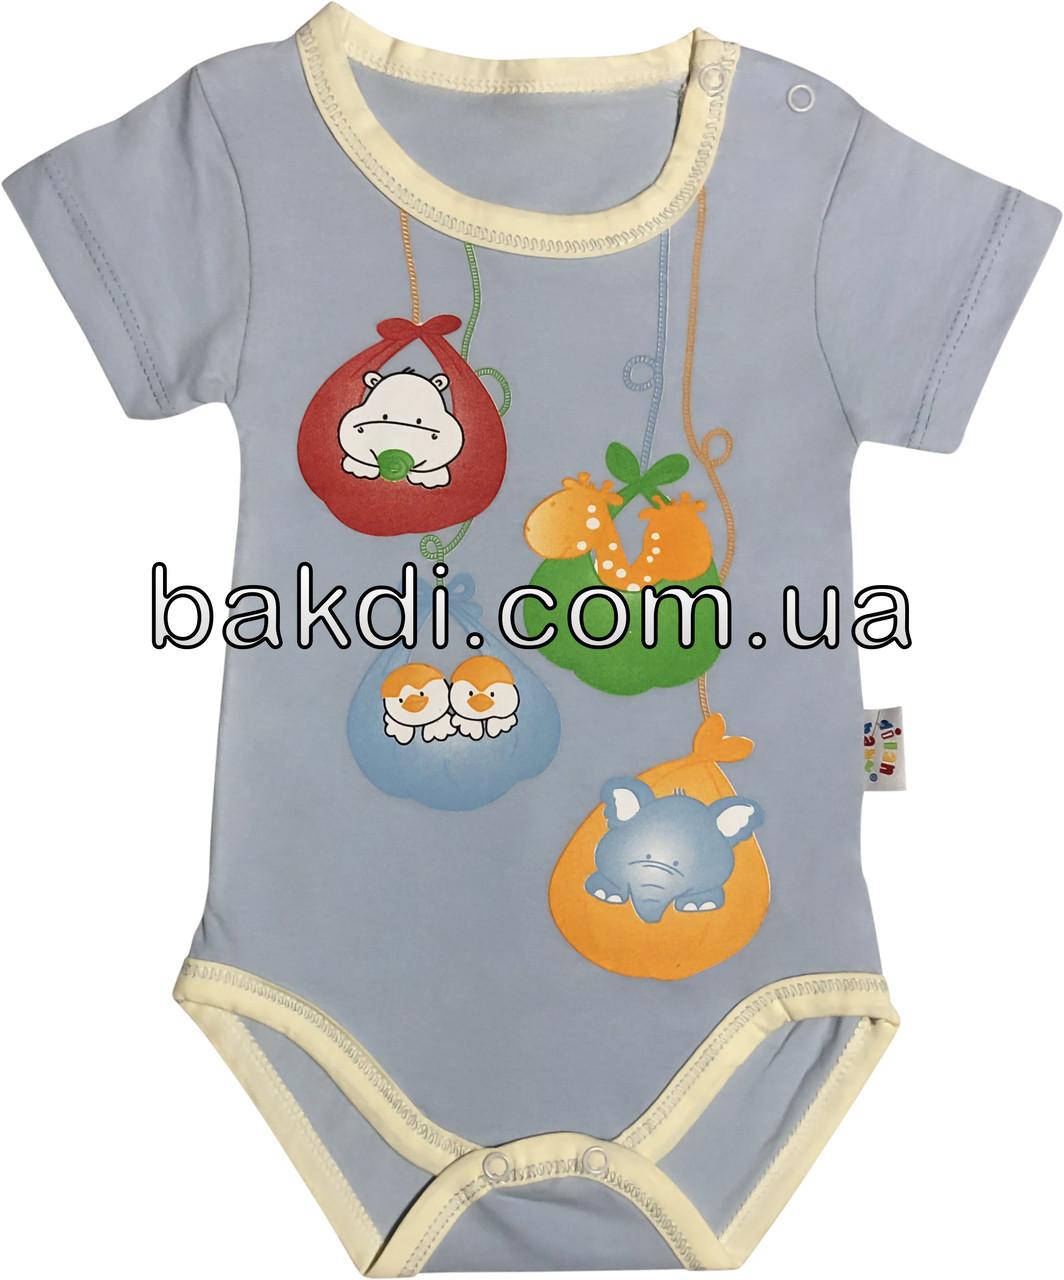 Детское летнее тонкое боди рост 74 6-9 мес трикотажное голубое на мальчика бодик с коротким рукавом для новорожденных малышей ТН194